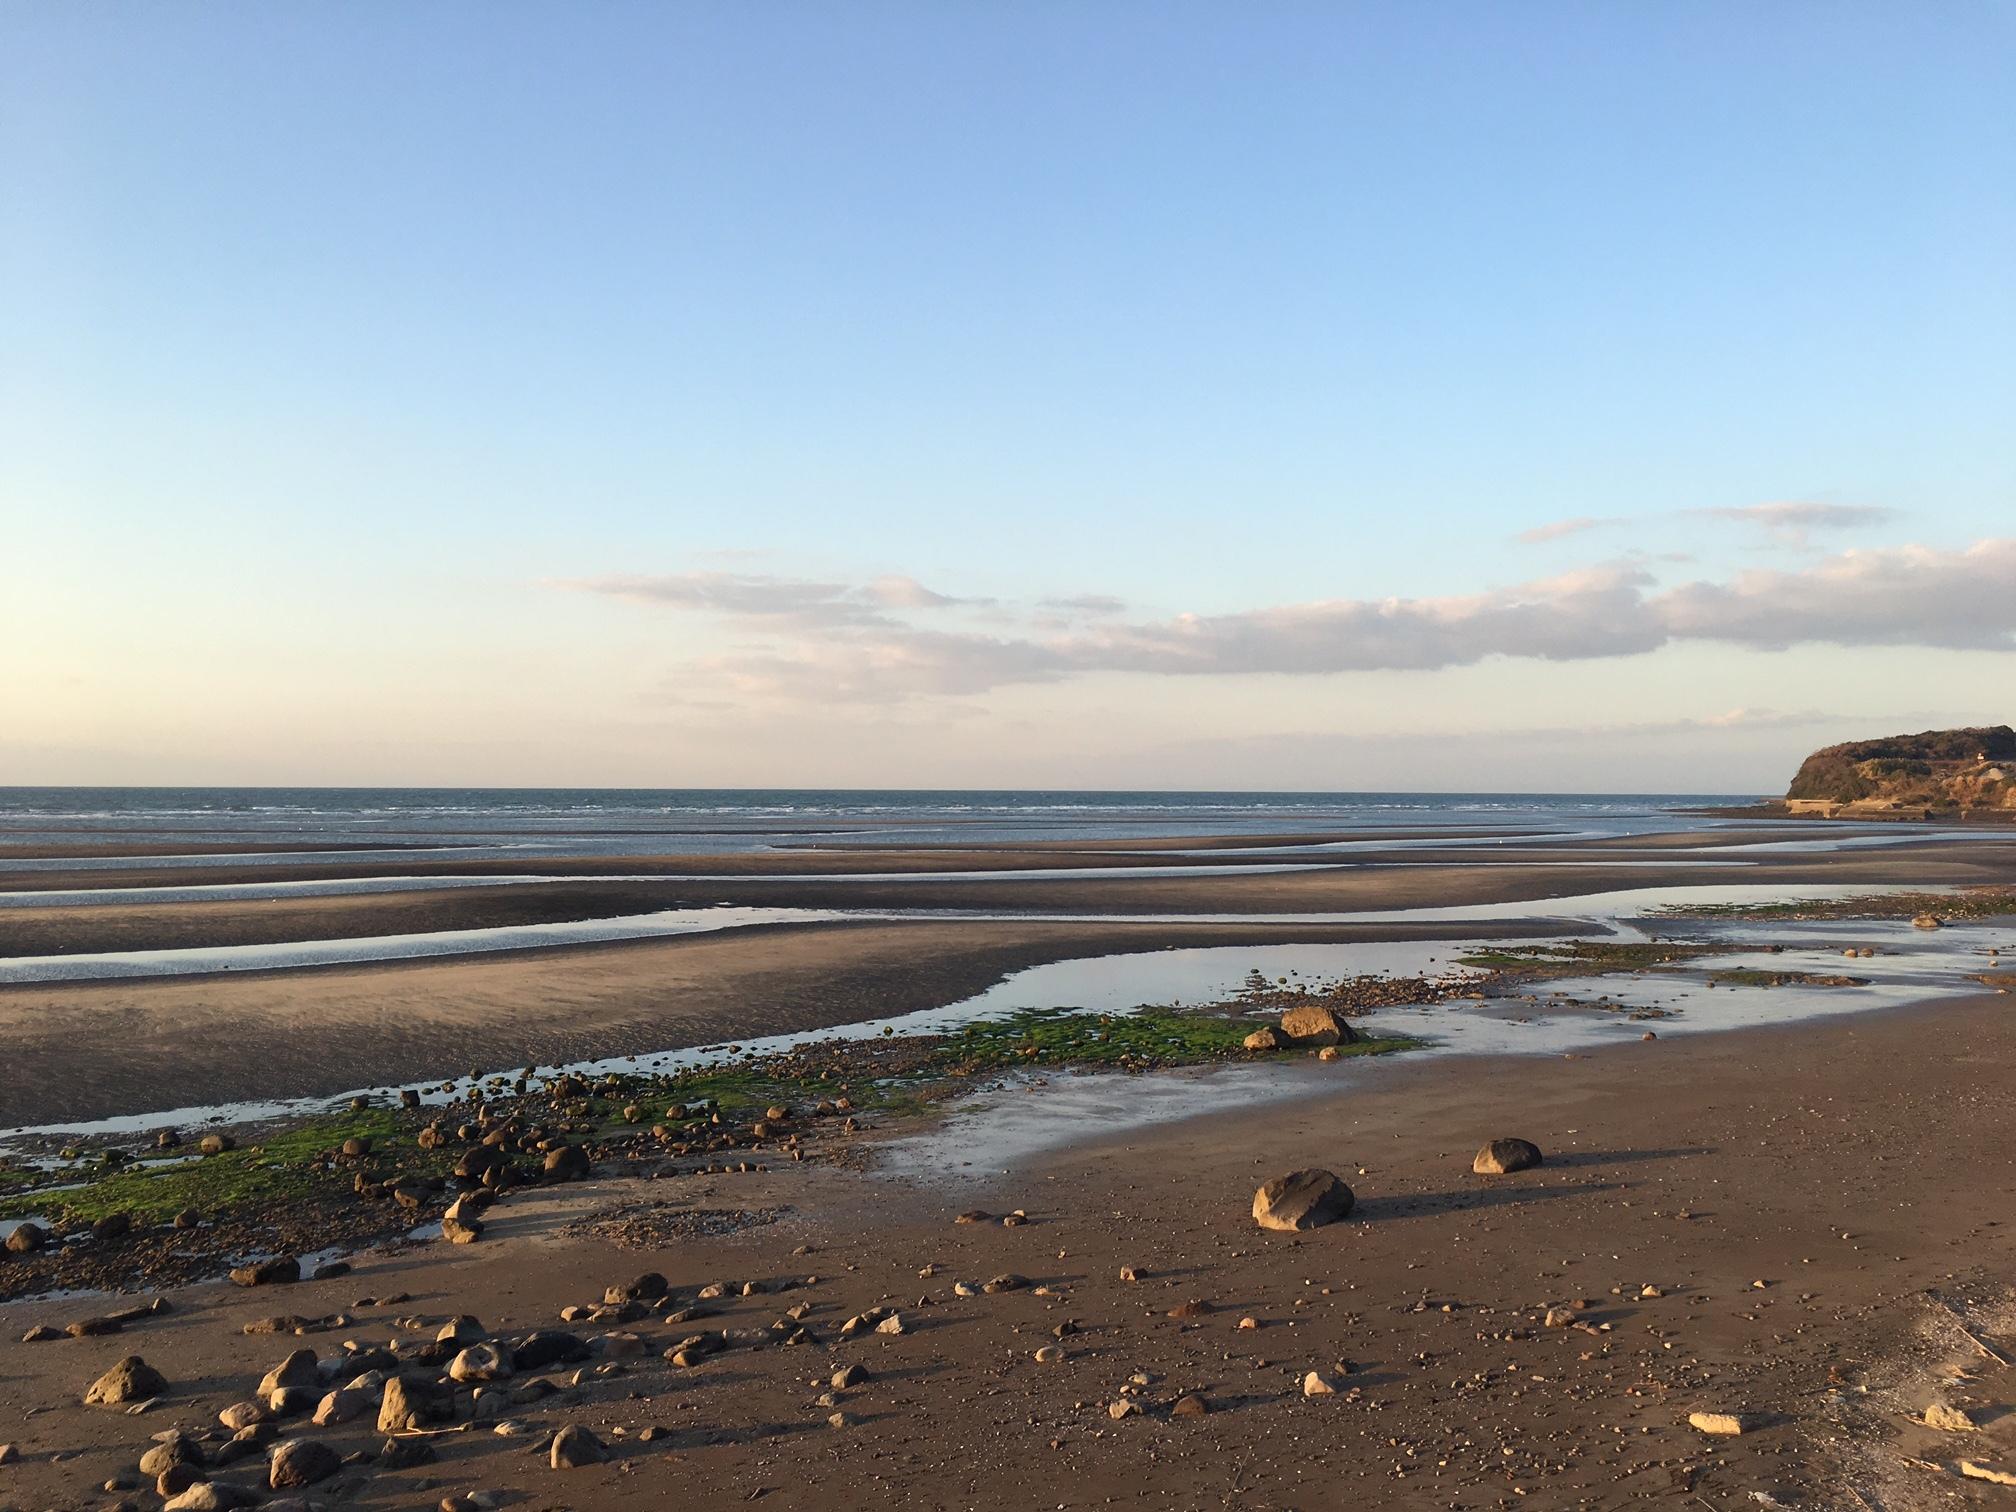 すこしづづ日が傾き始めた海岸